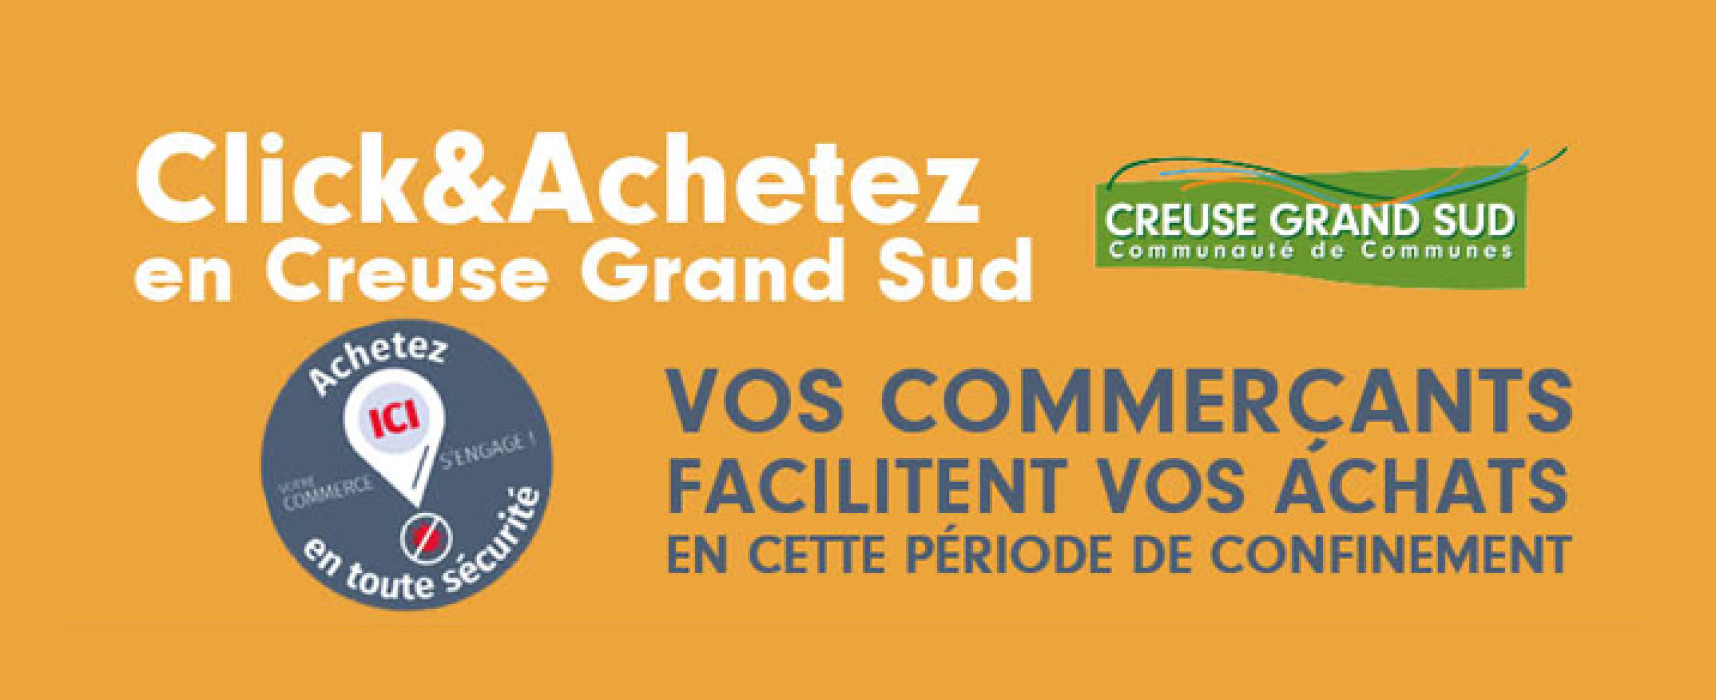 """Annuaire des commerces du territoire Creuse Grand Sud en mode """"Click&Achetez"""""""